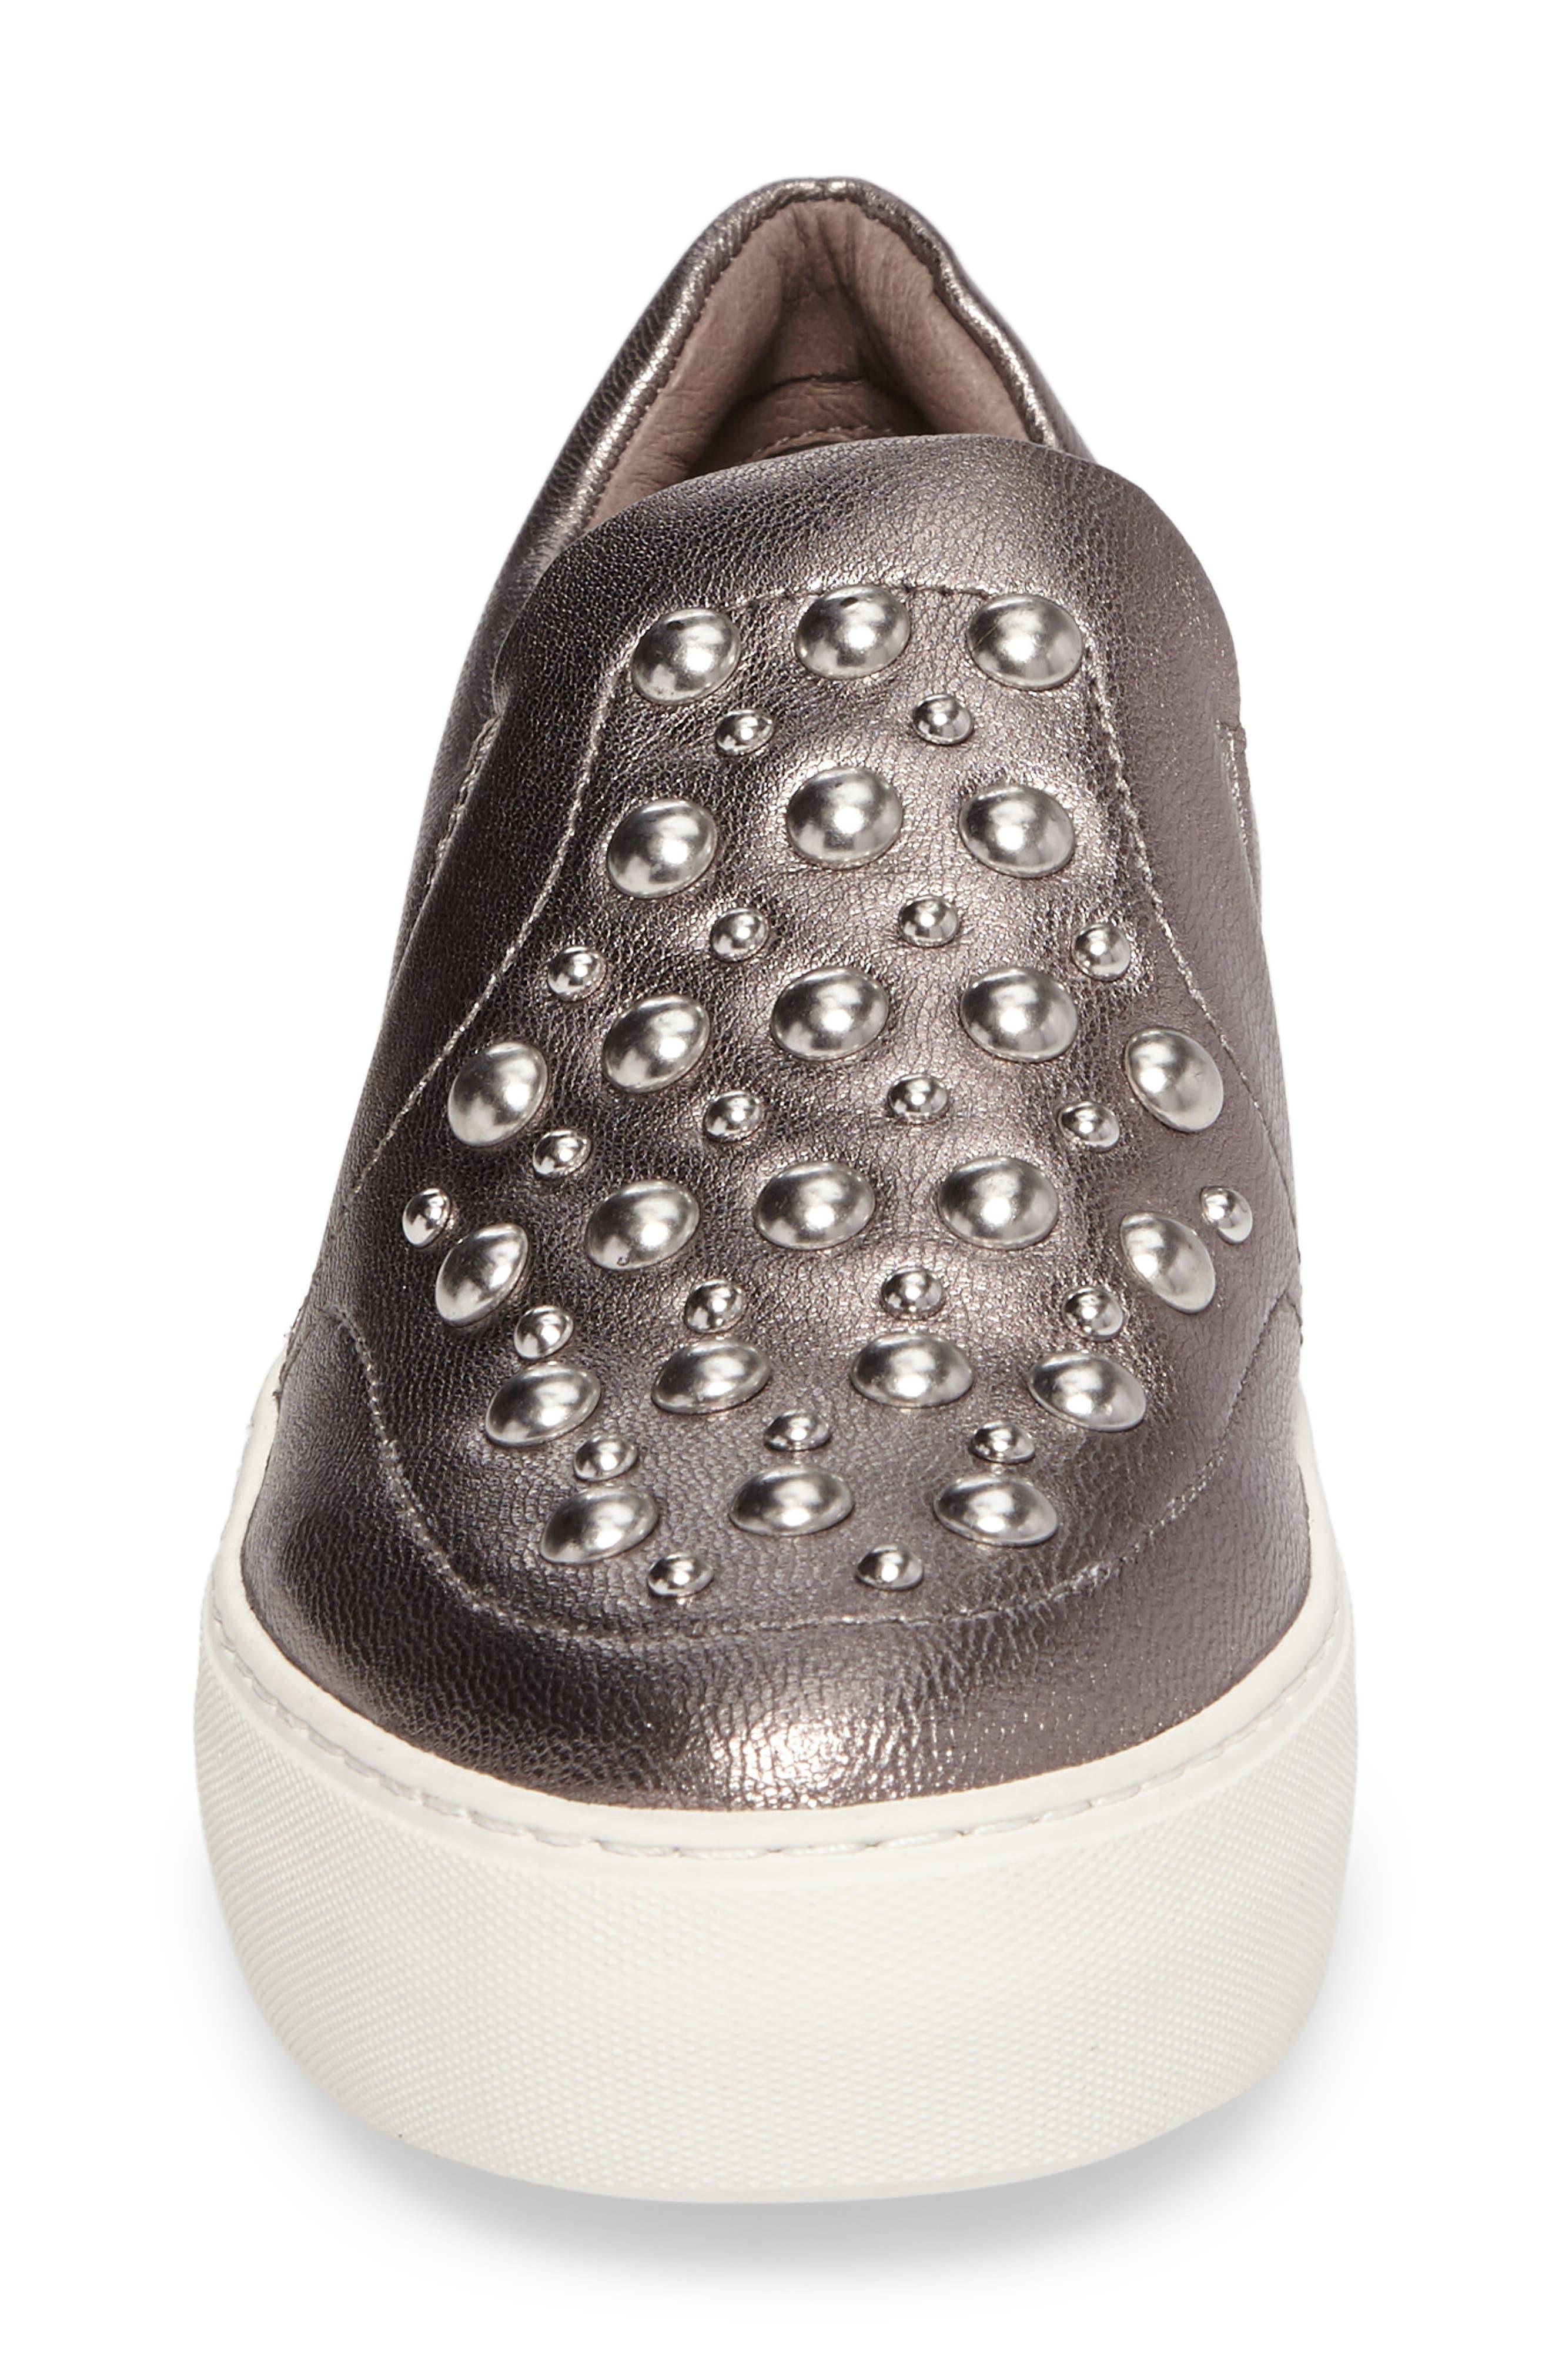 Atom Slip-On Platform Sneaker,                             Alternate thumbnail 4, color,                             Pewter Leather